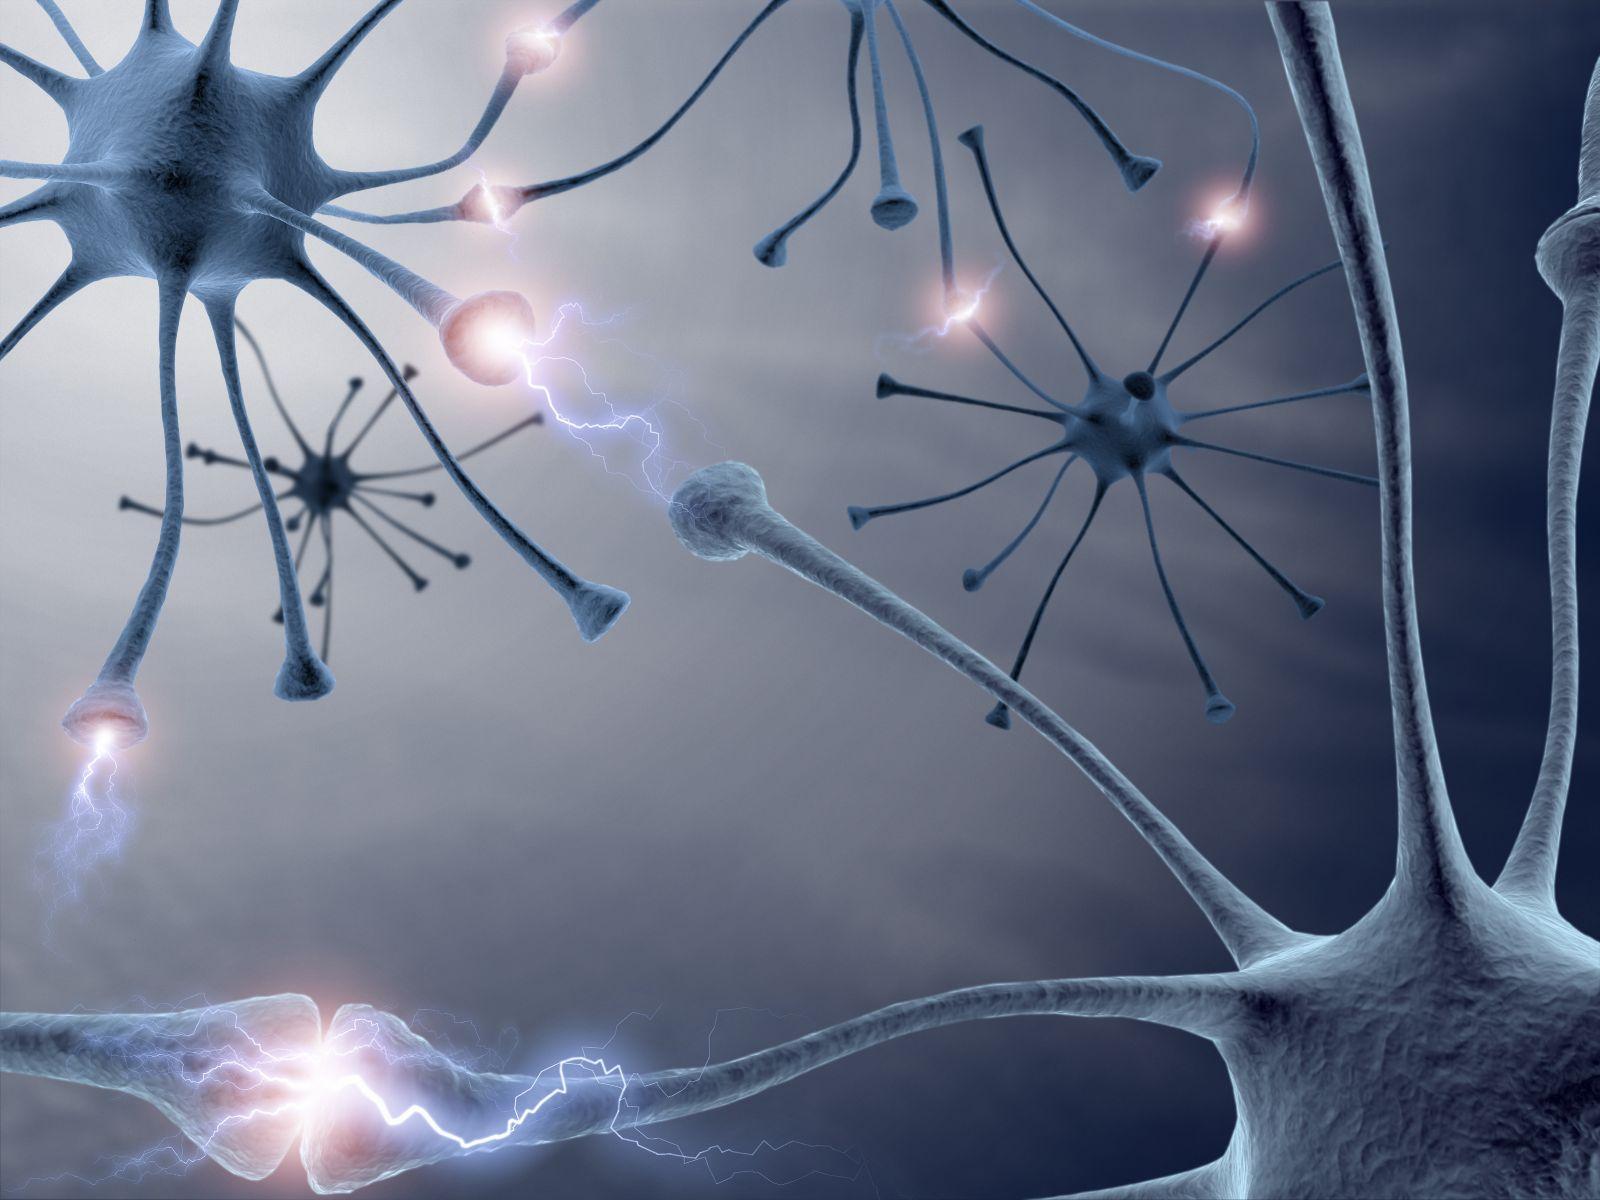 تقویت حافظه انسان با ایمپلنت مغزی!